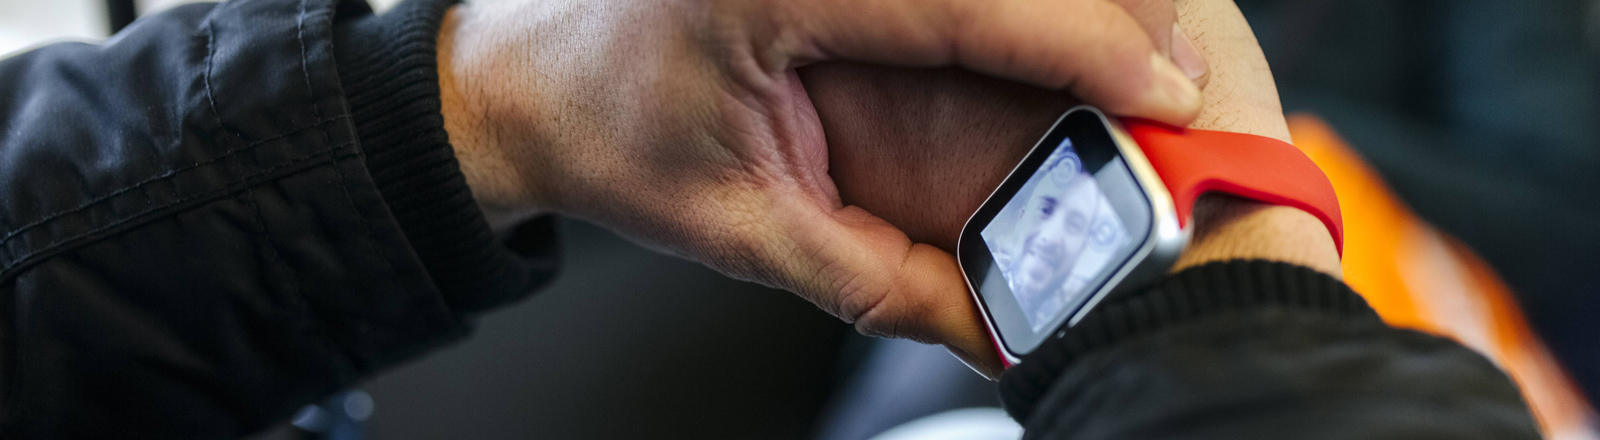 Ein Mann hat mit seiner Smartwatch ein Selfie gemacht.